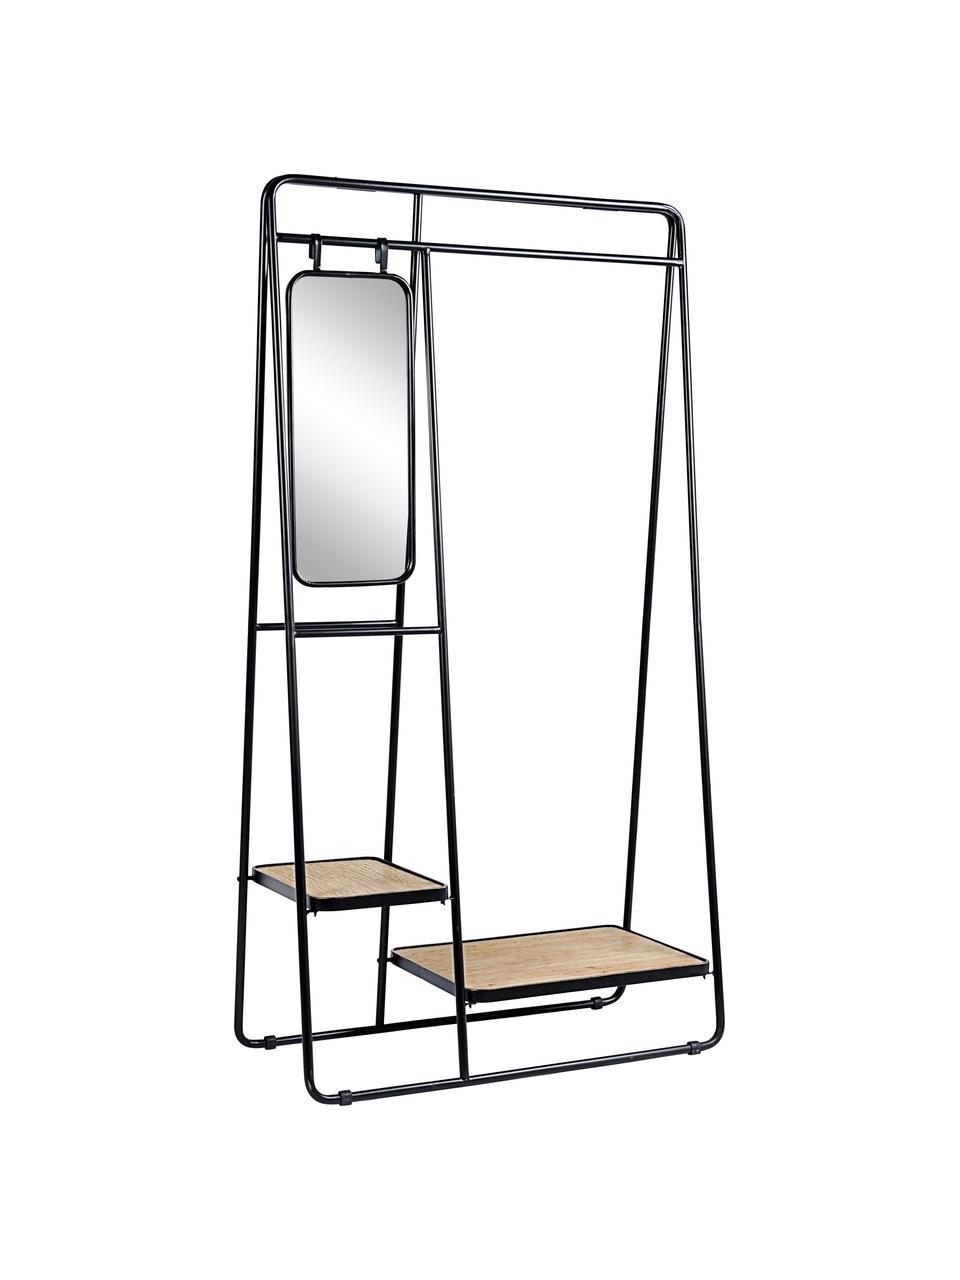 Appendiabiti con specchio Jerrod, Struttura: metallo epossidico e vern, Ripiani: pannello di fibra a media, Superficie dello specchio: vetro, Nero, marrone, Larg. 93 x Alt. 178 cm